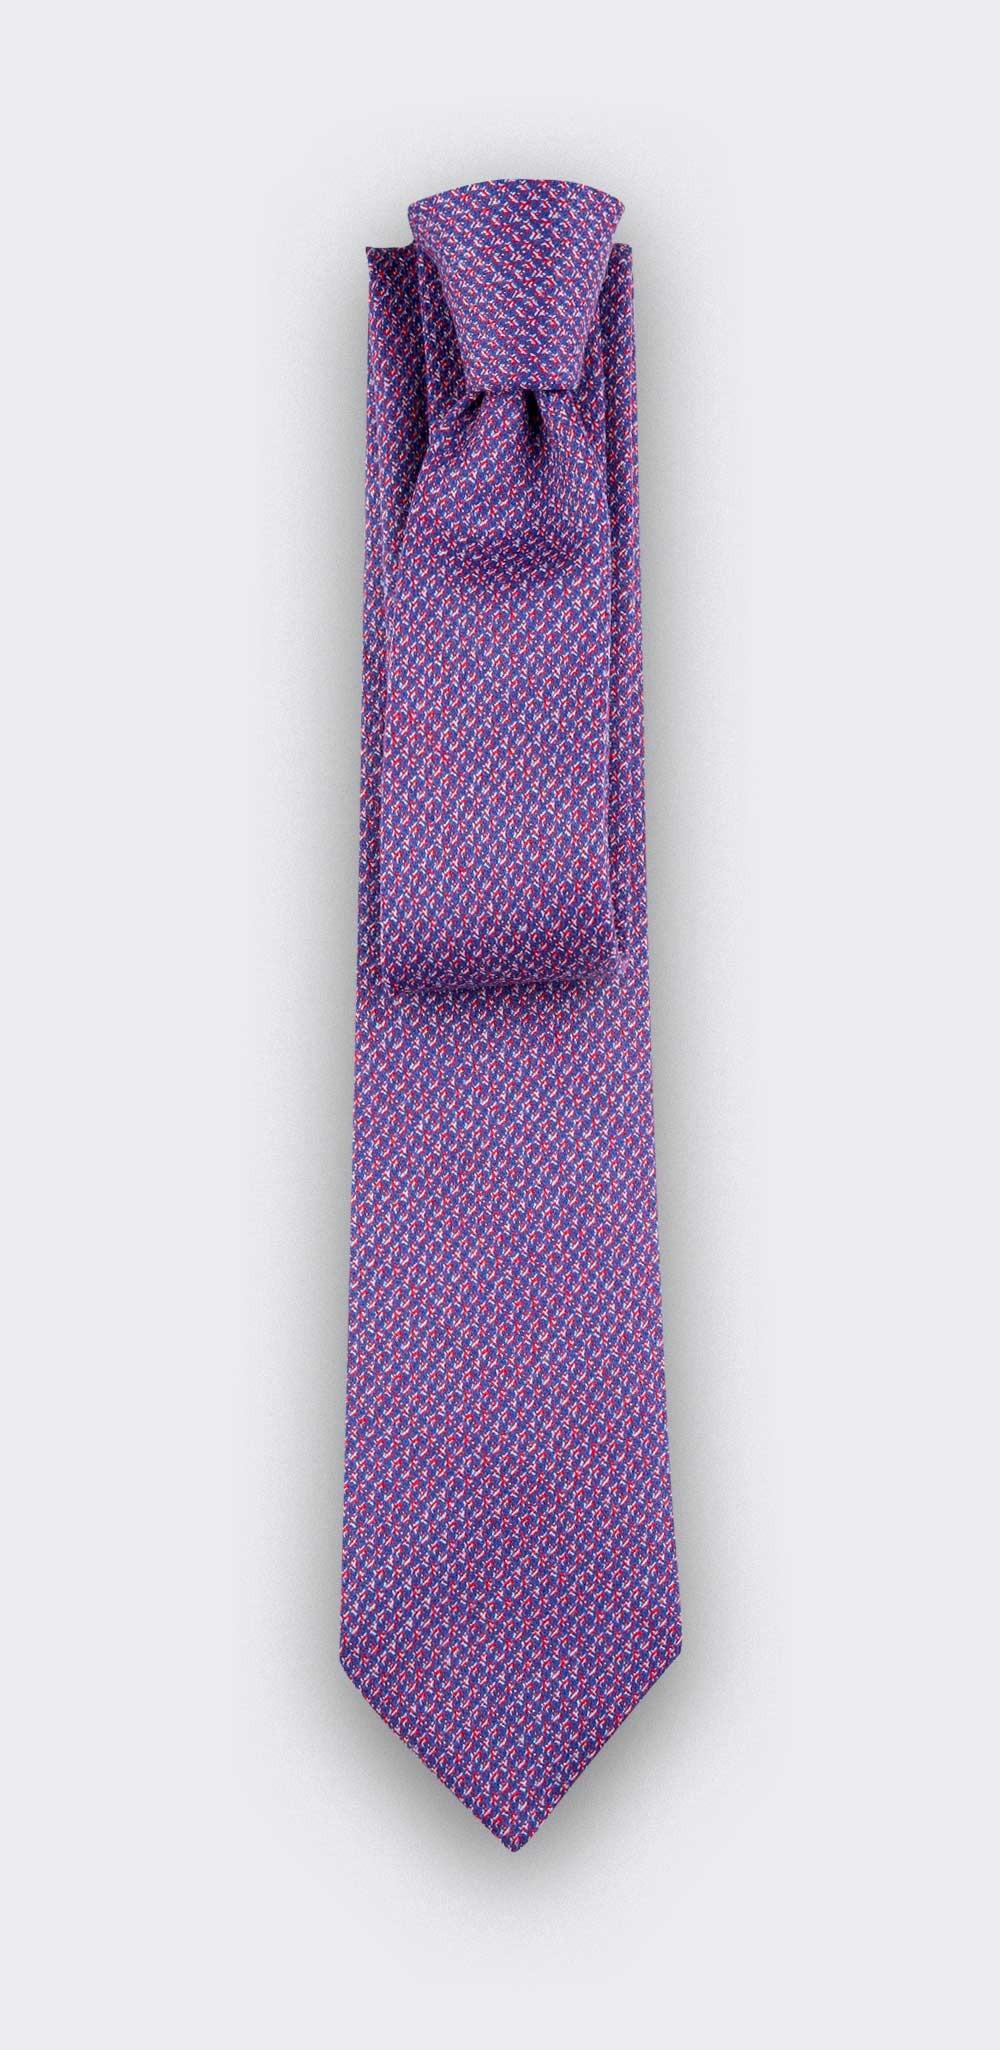 cravate météorite rose - cinabre paris